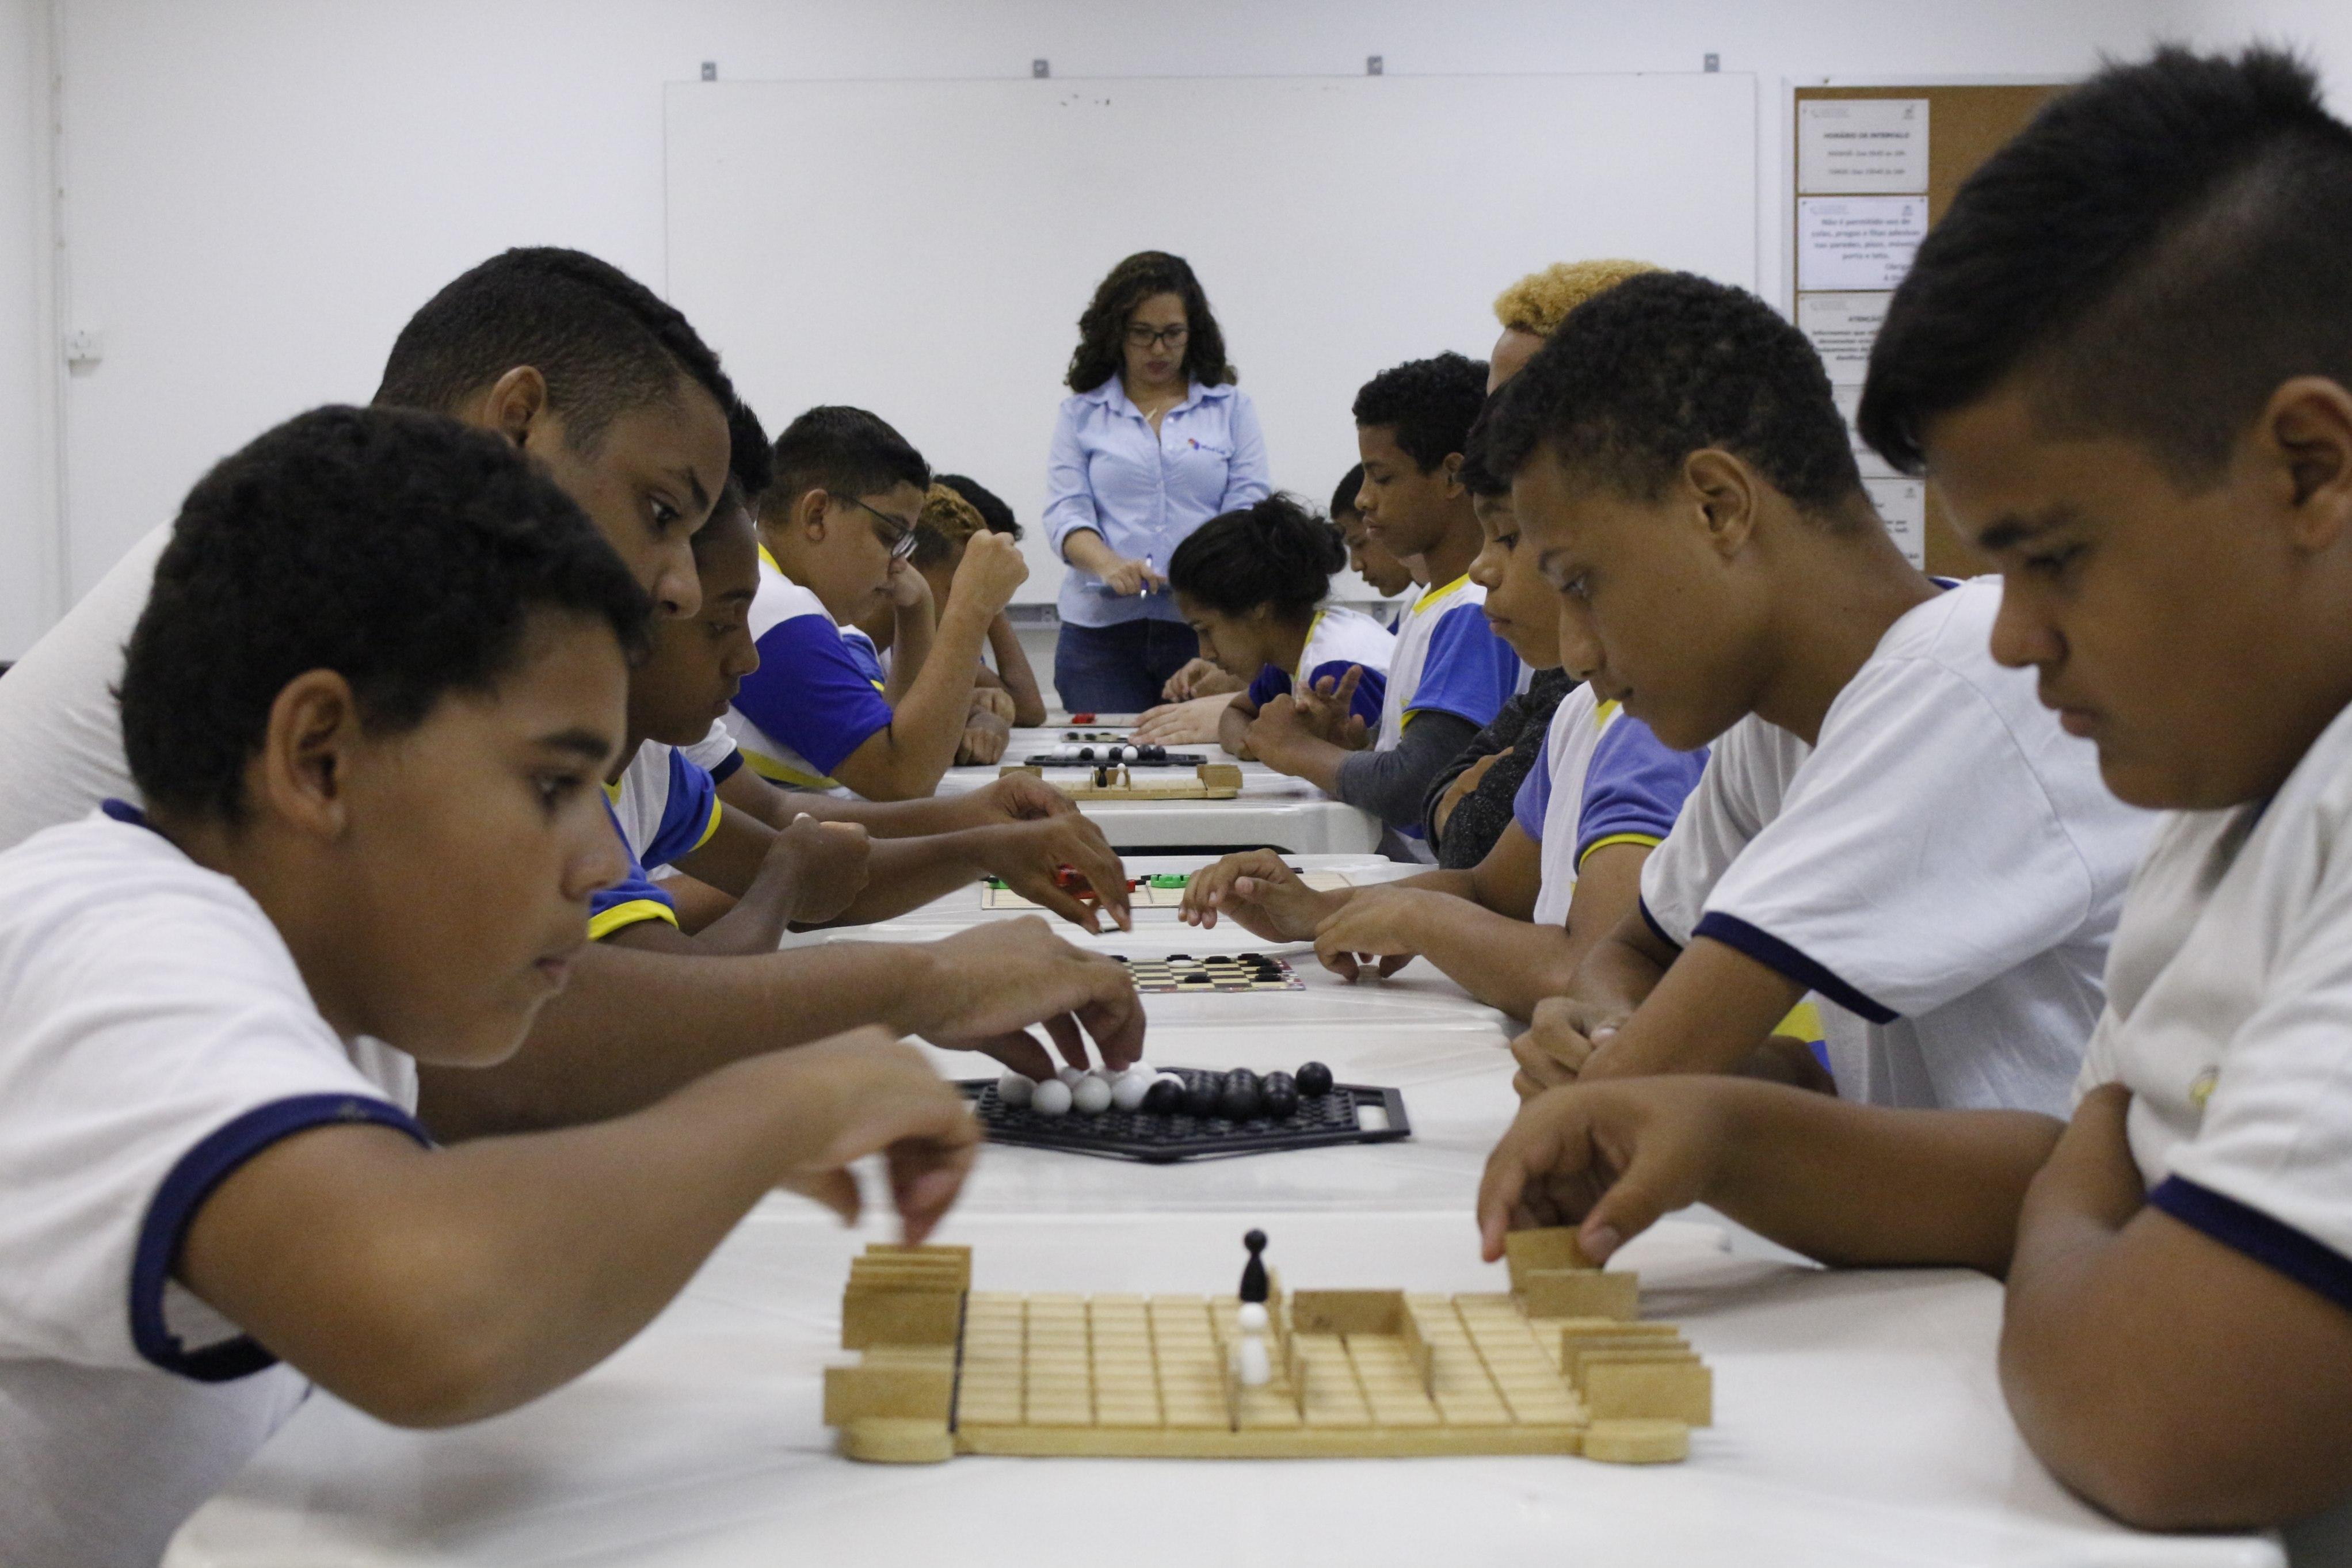 Competição foi realizada na Escola de Formação Paulo Freire - Crédito Lhonara Melo Cortesia (Lhonara Melo Cortesia)